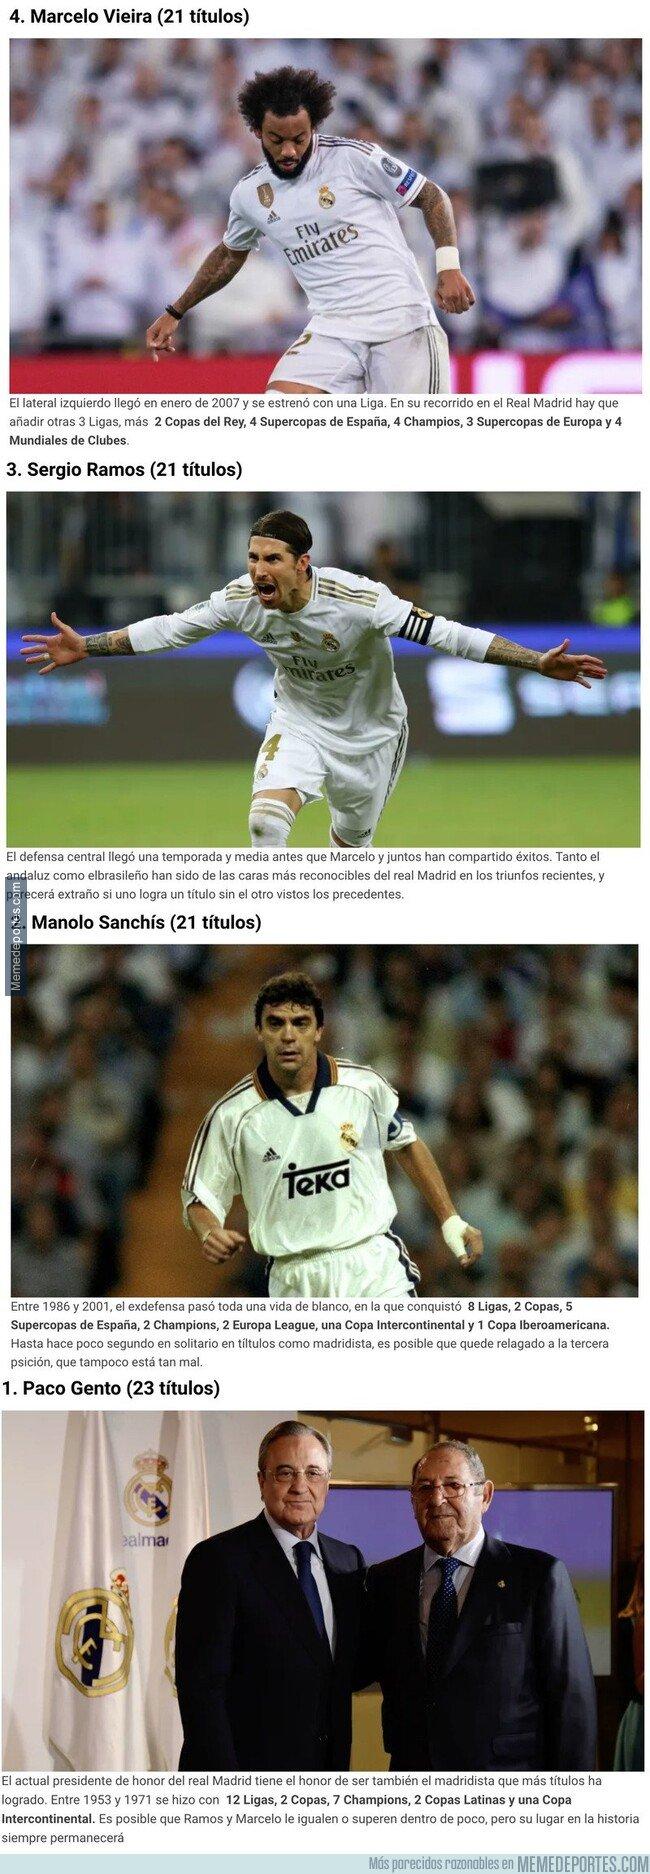 1095744 - Estos son los jugadores que más títulos han ganado en la historia del Real Madrid